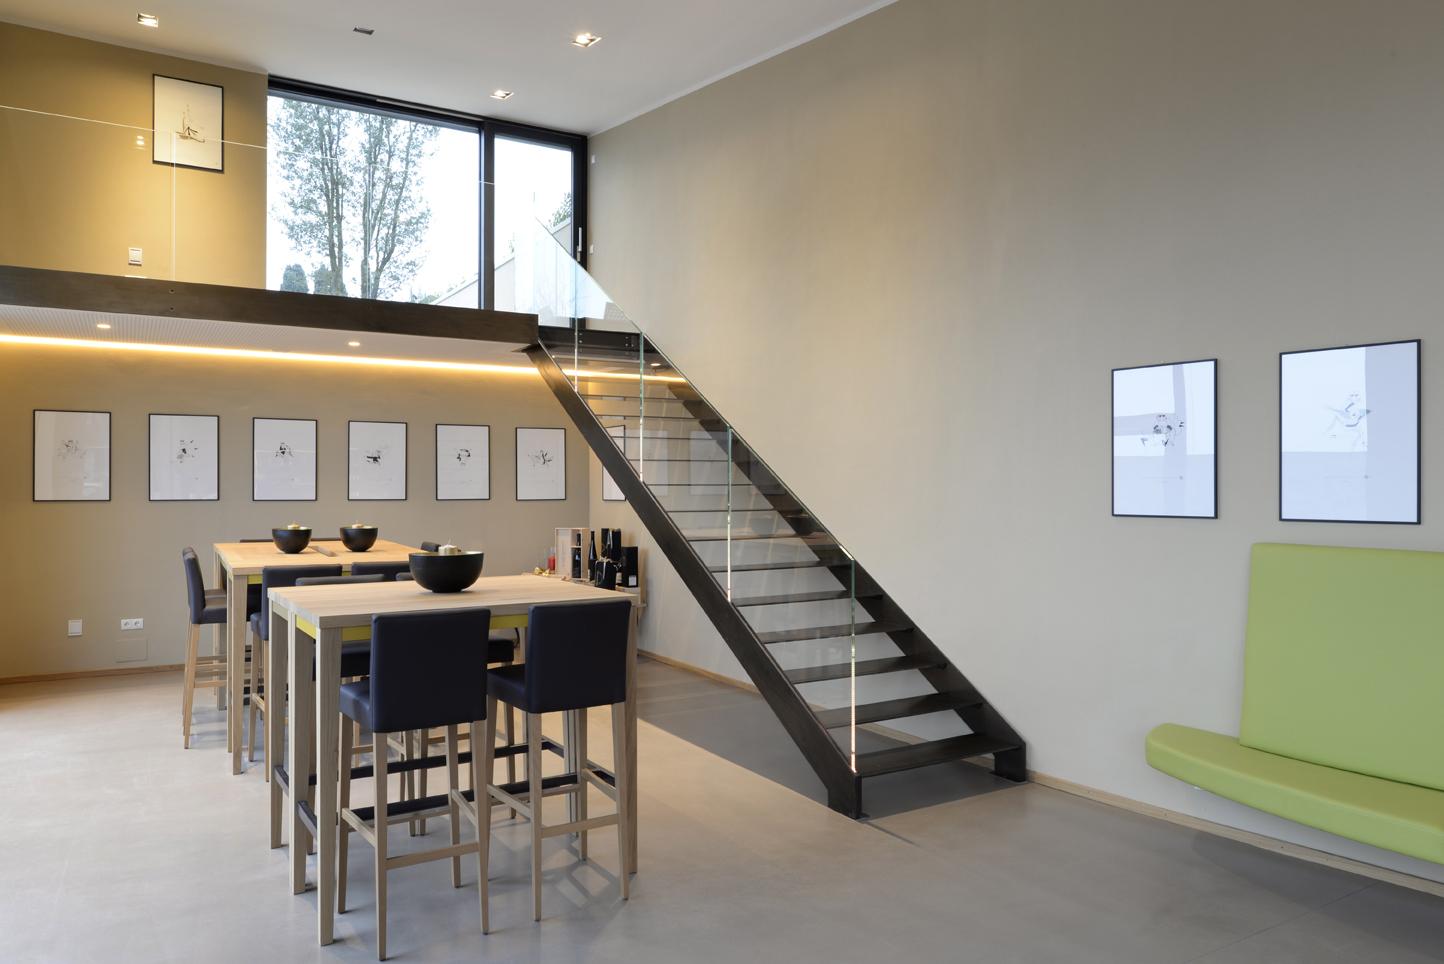 Scala design Interbau, tenuta Lentsch, Bolzano (Italia)